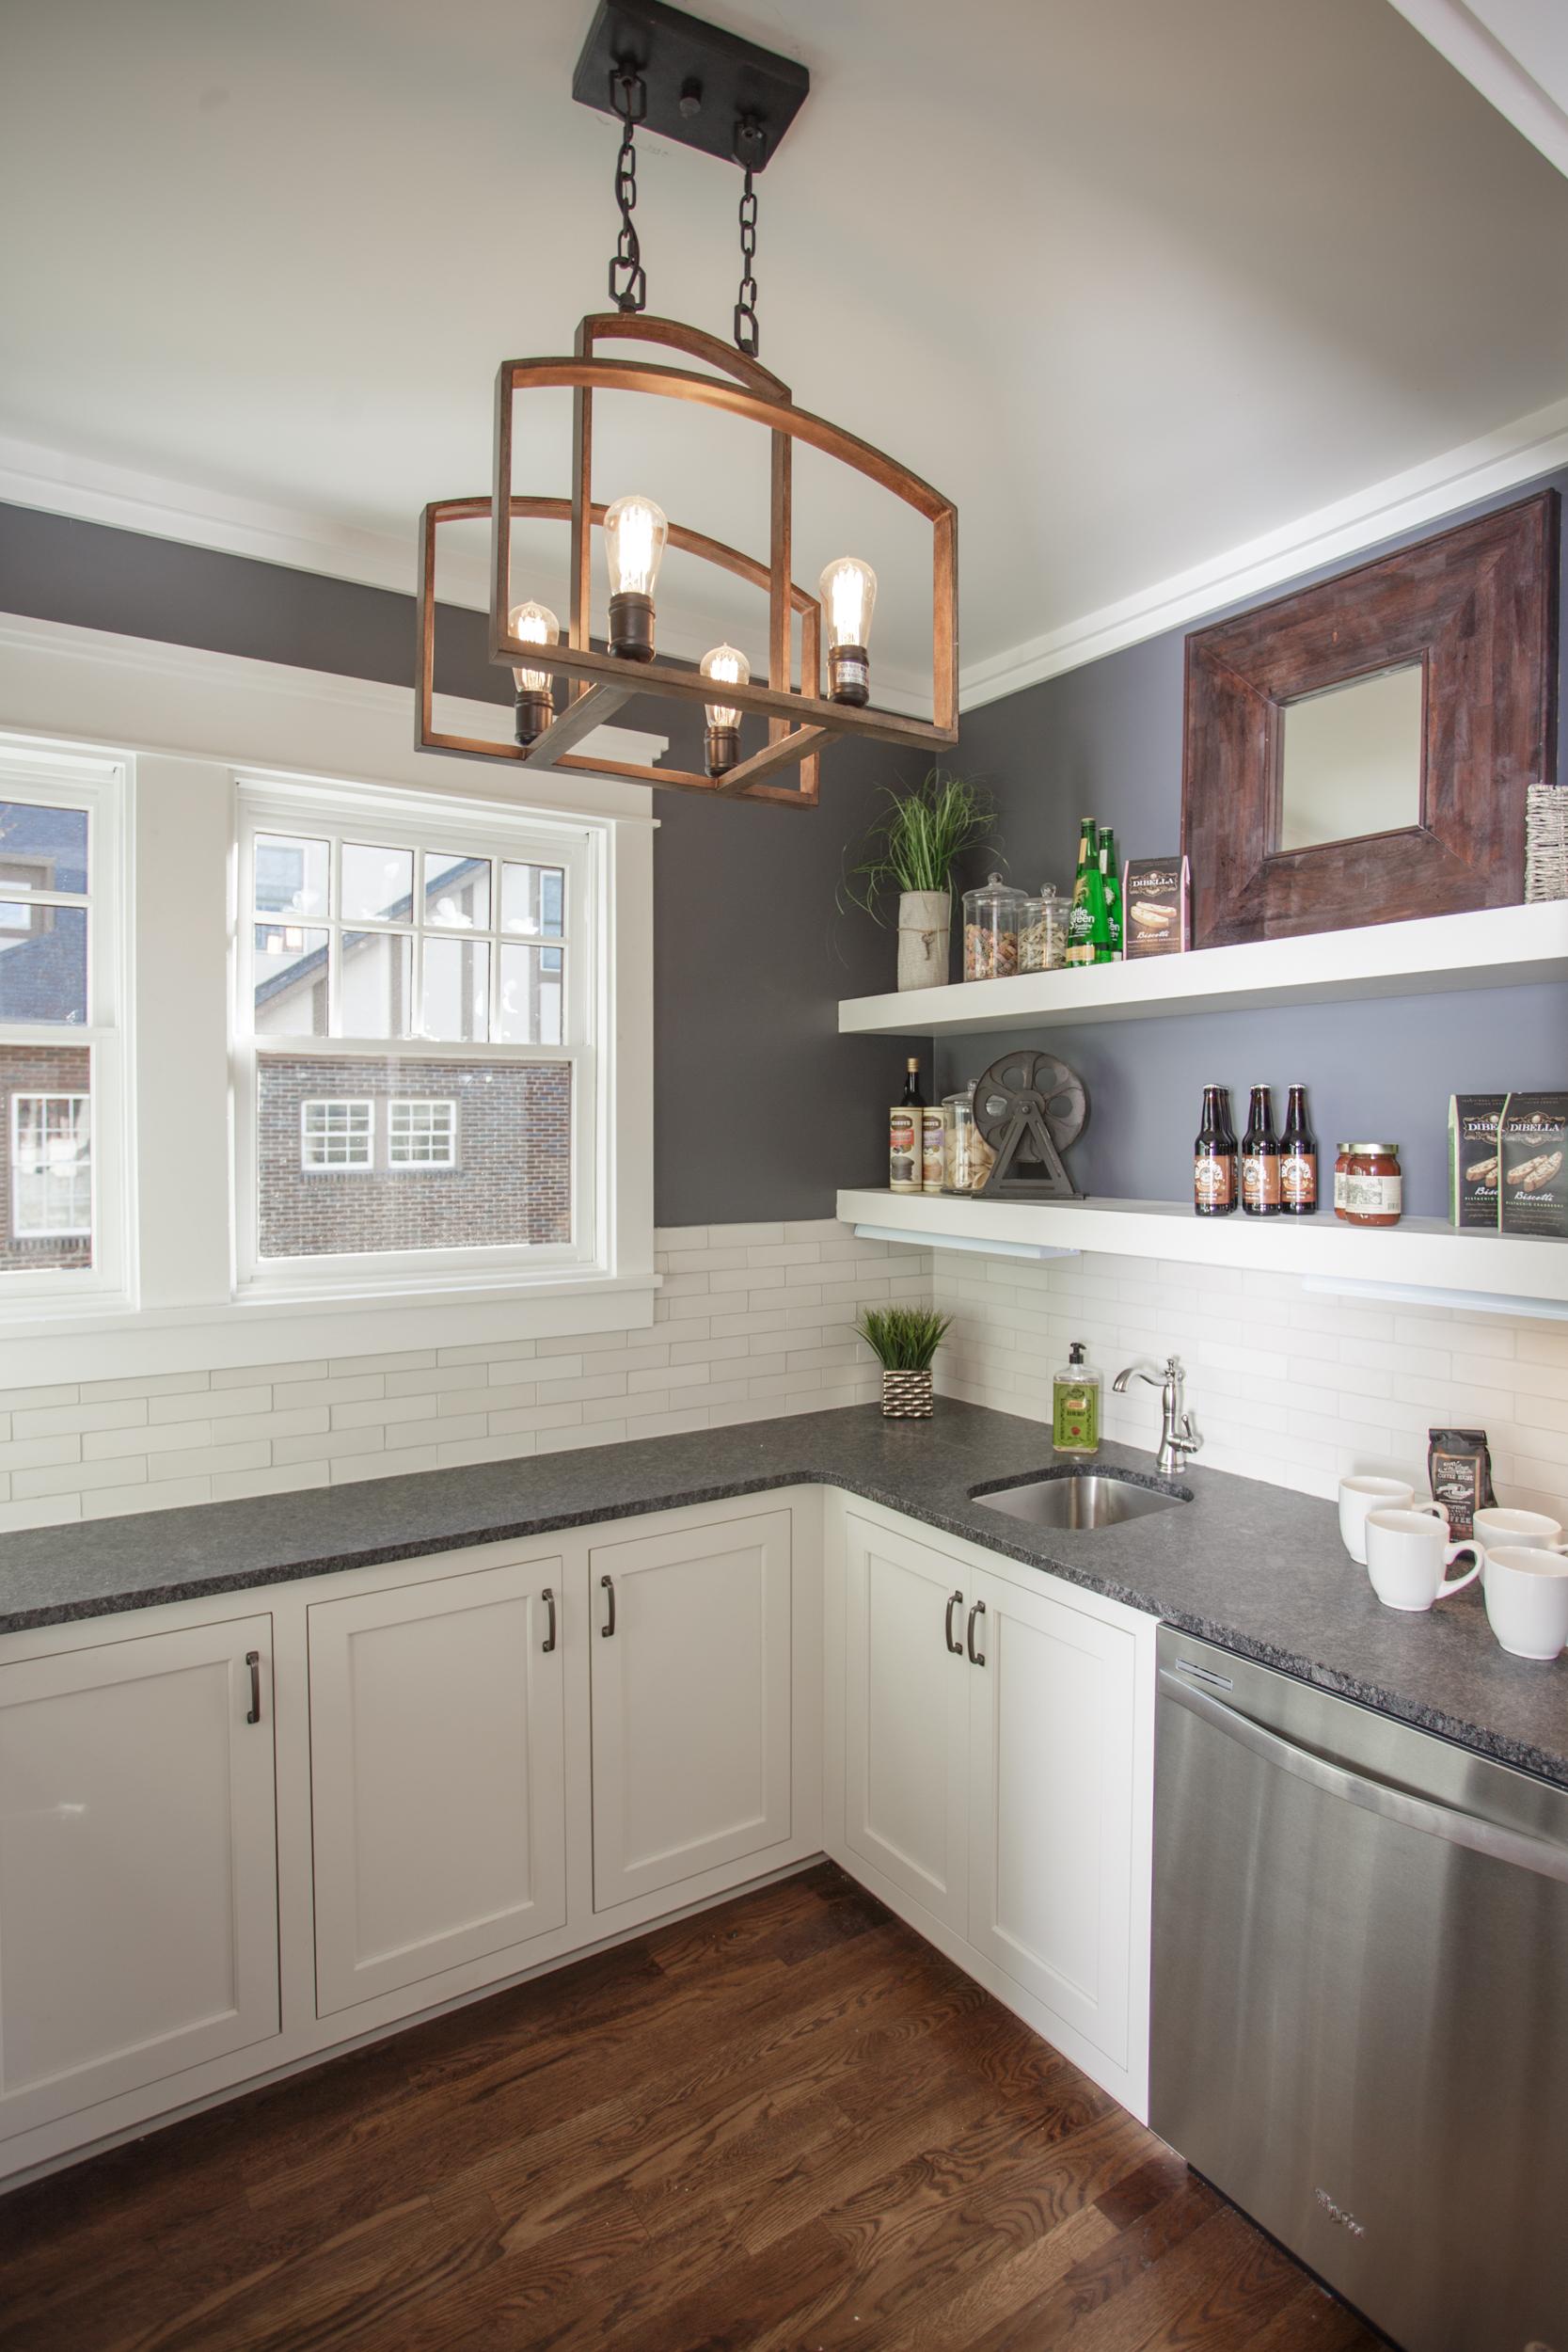 britt-development-group-nashville-tennessee-custom-home-builder-historic-renovation-0565.jpg